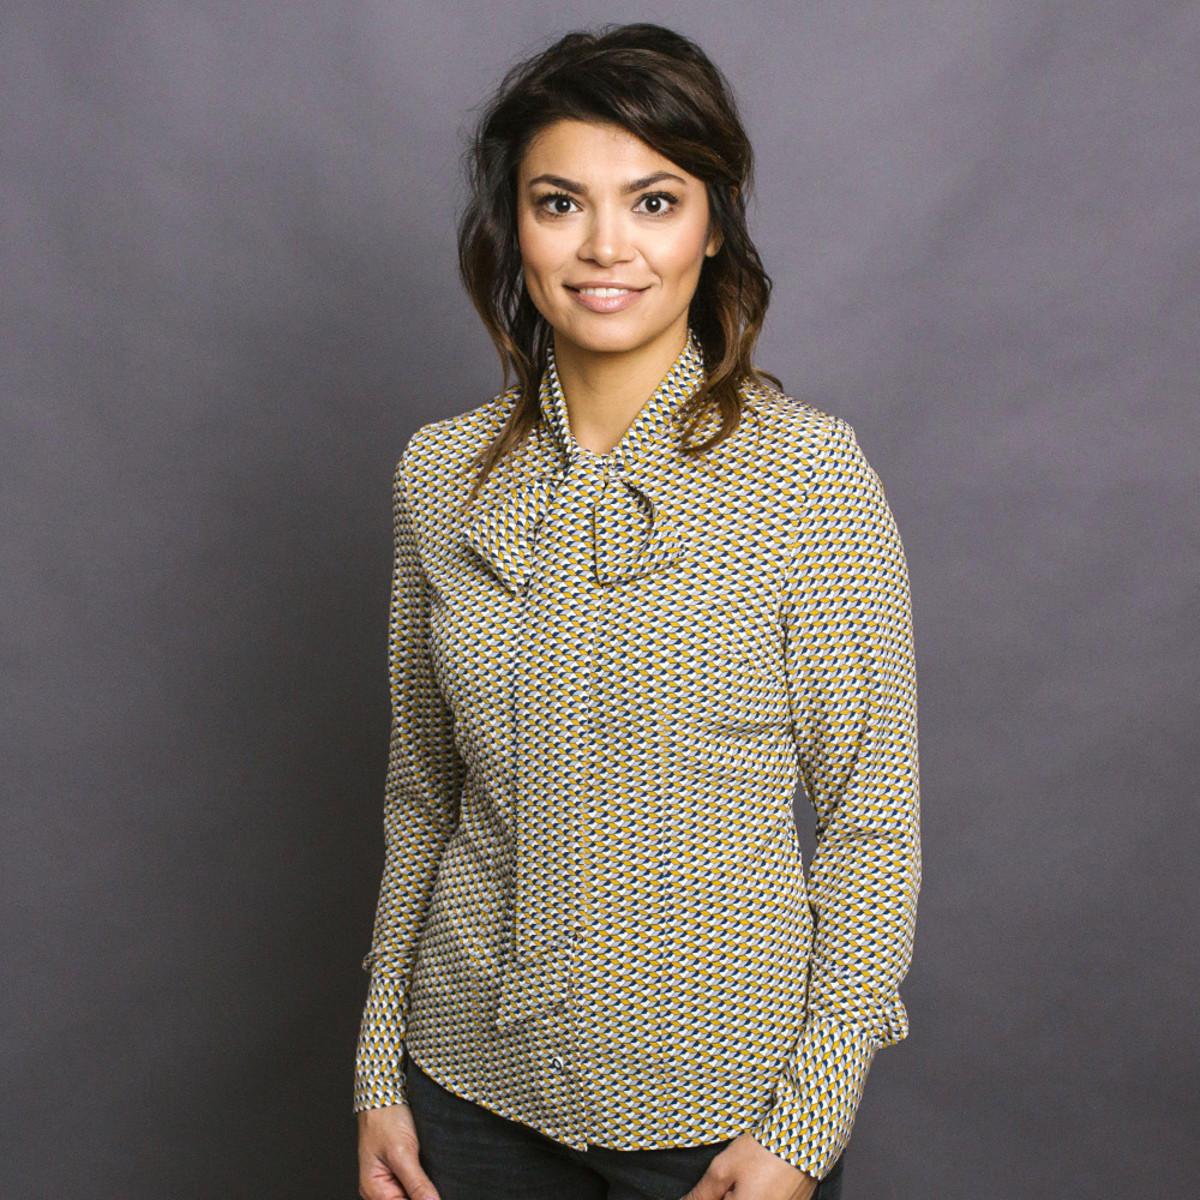 Dámska košeľa Willsoor 8738 s geometrickými vzory a saténovým vzhľadom 42